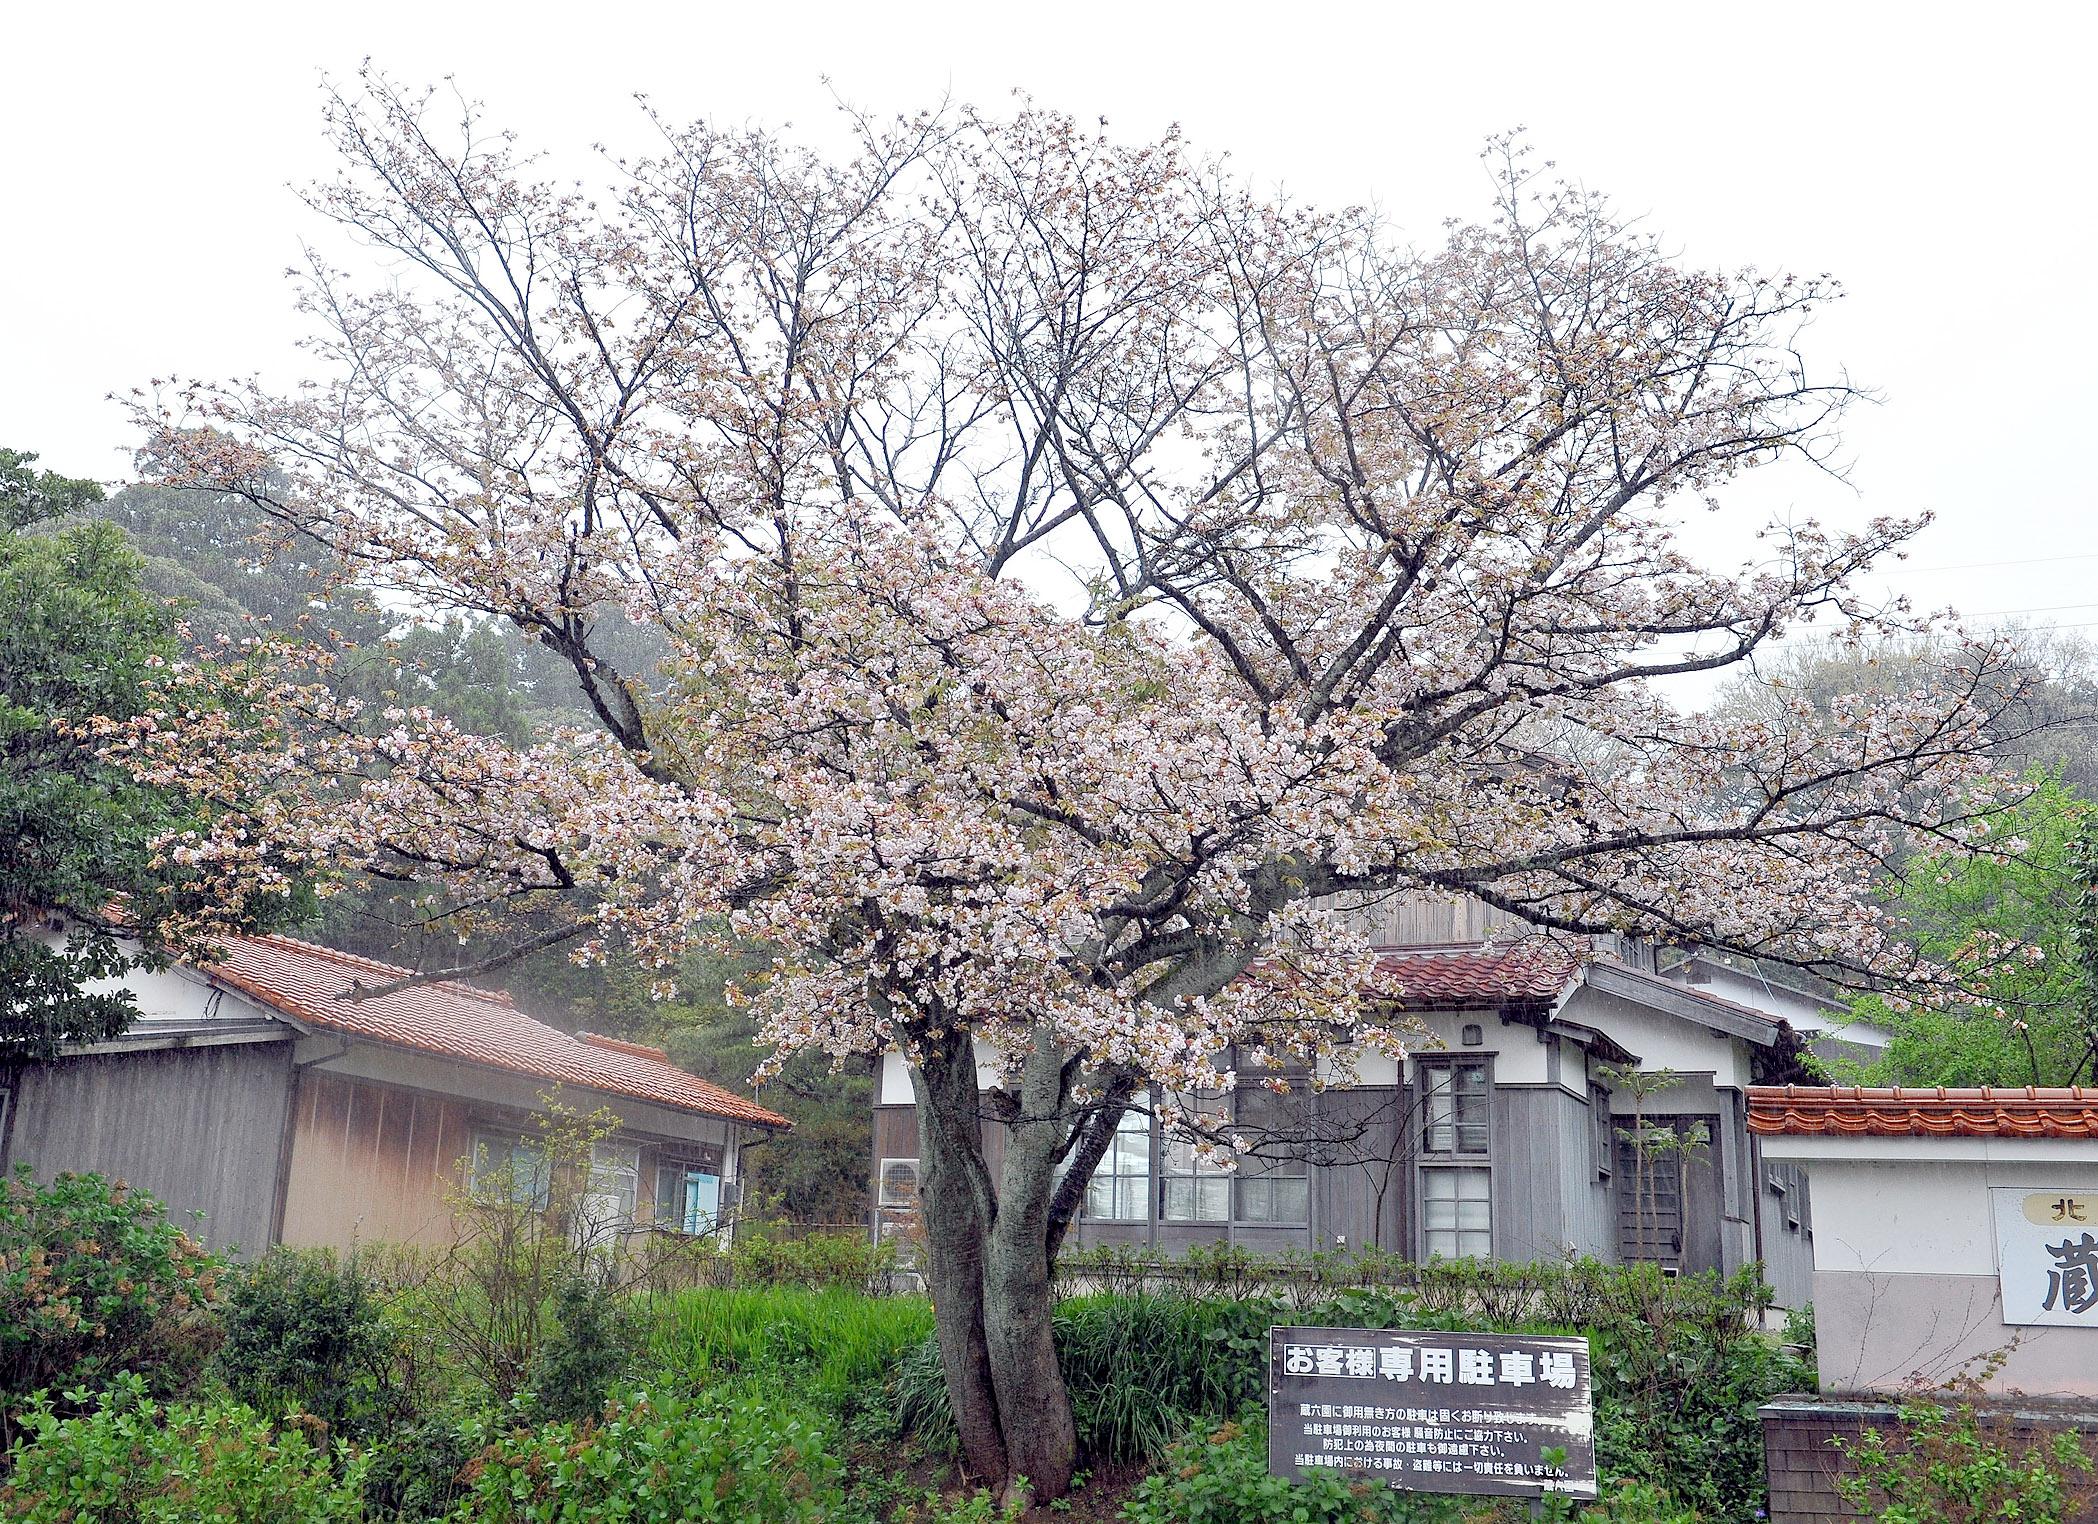 新品種であることが分かった菊咲き性のサクラ=加賀市橋立町